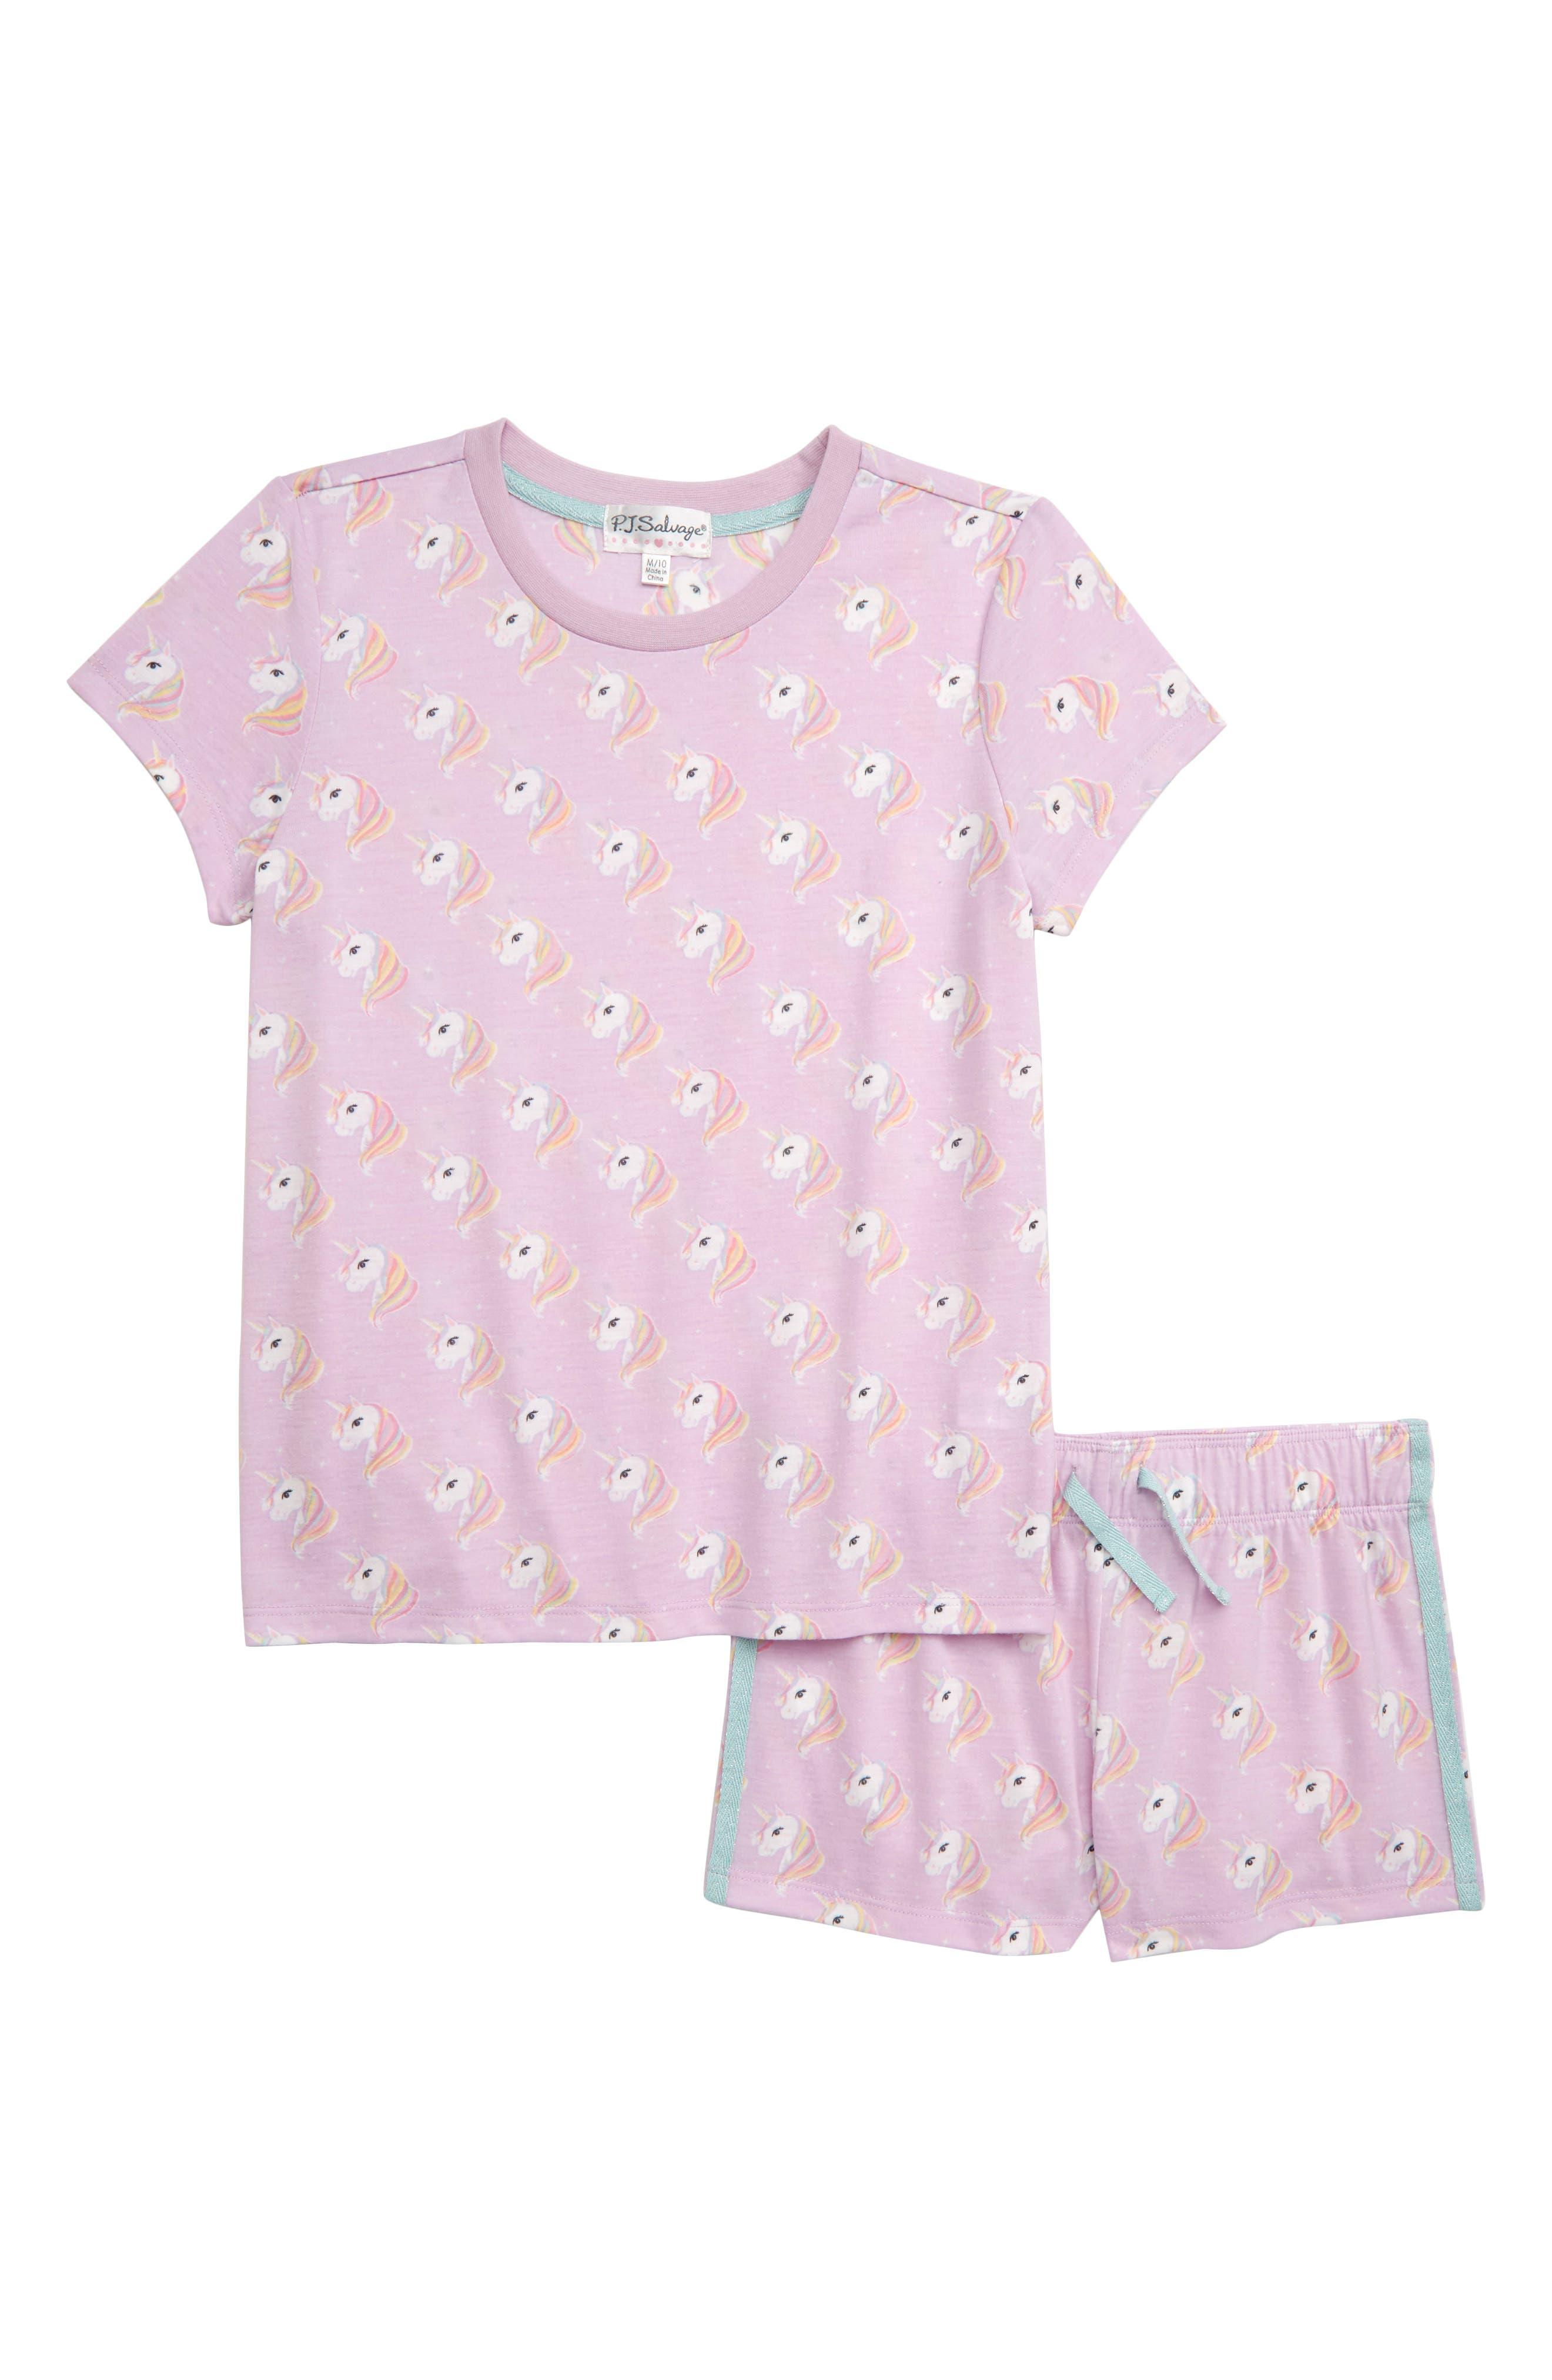 Girls Pj Salvage Unicorn TwoPiece Short Pajamas Size XS (56)  Purple